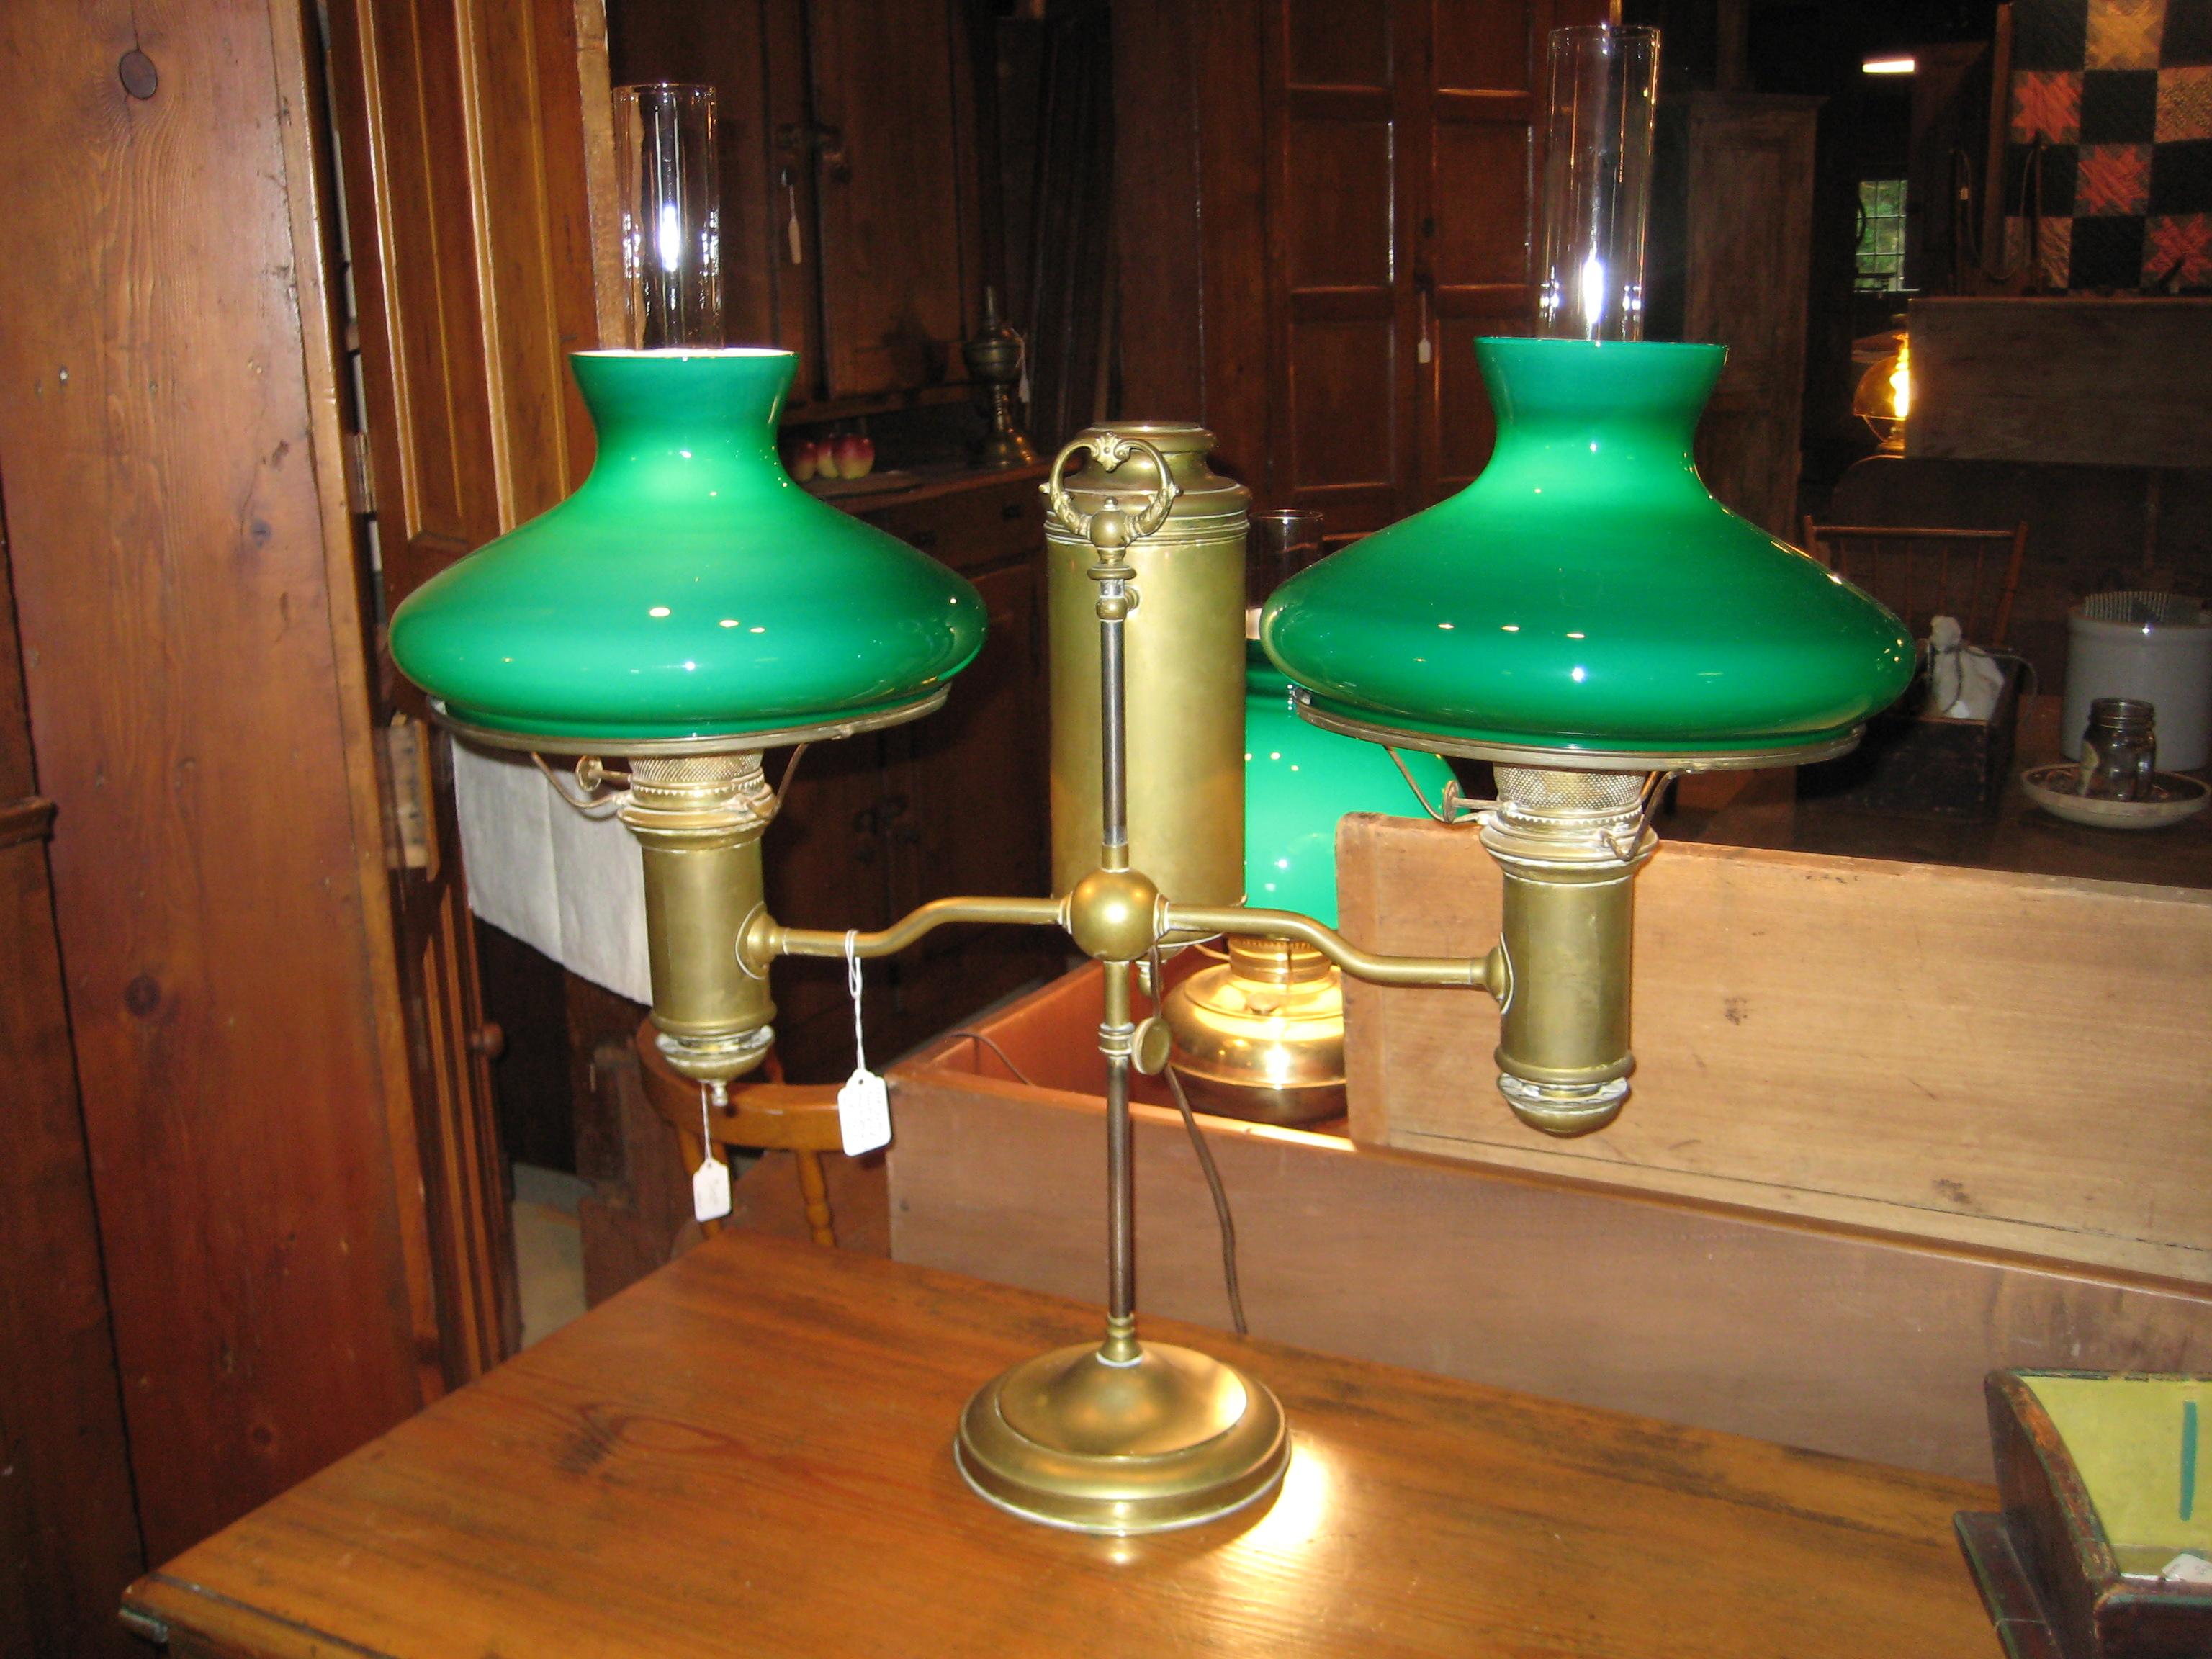 Doublestudenlamp